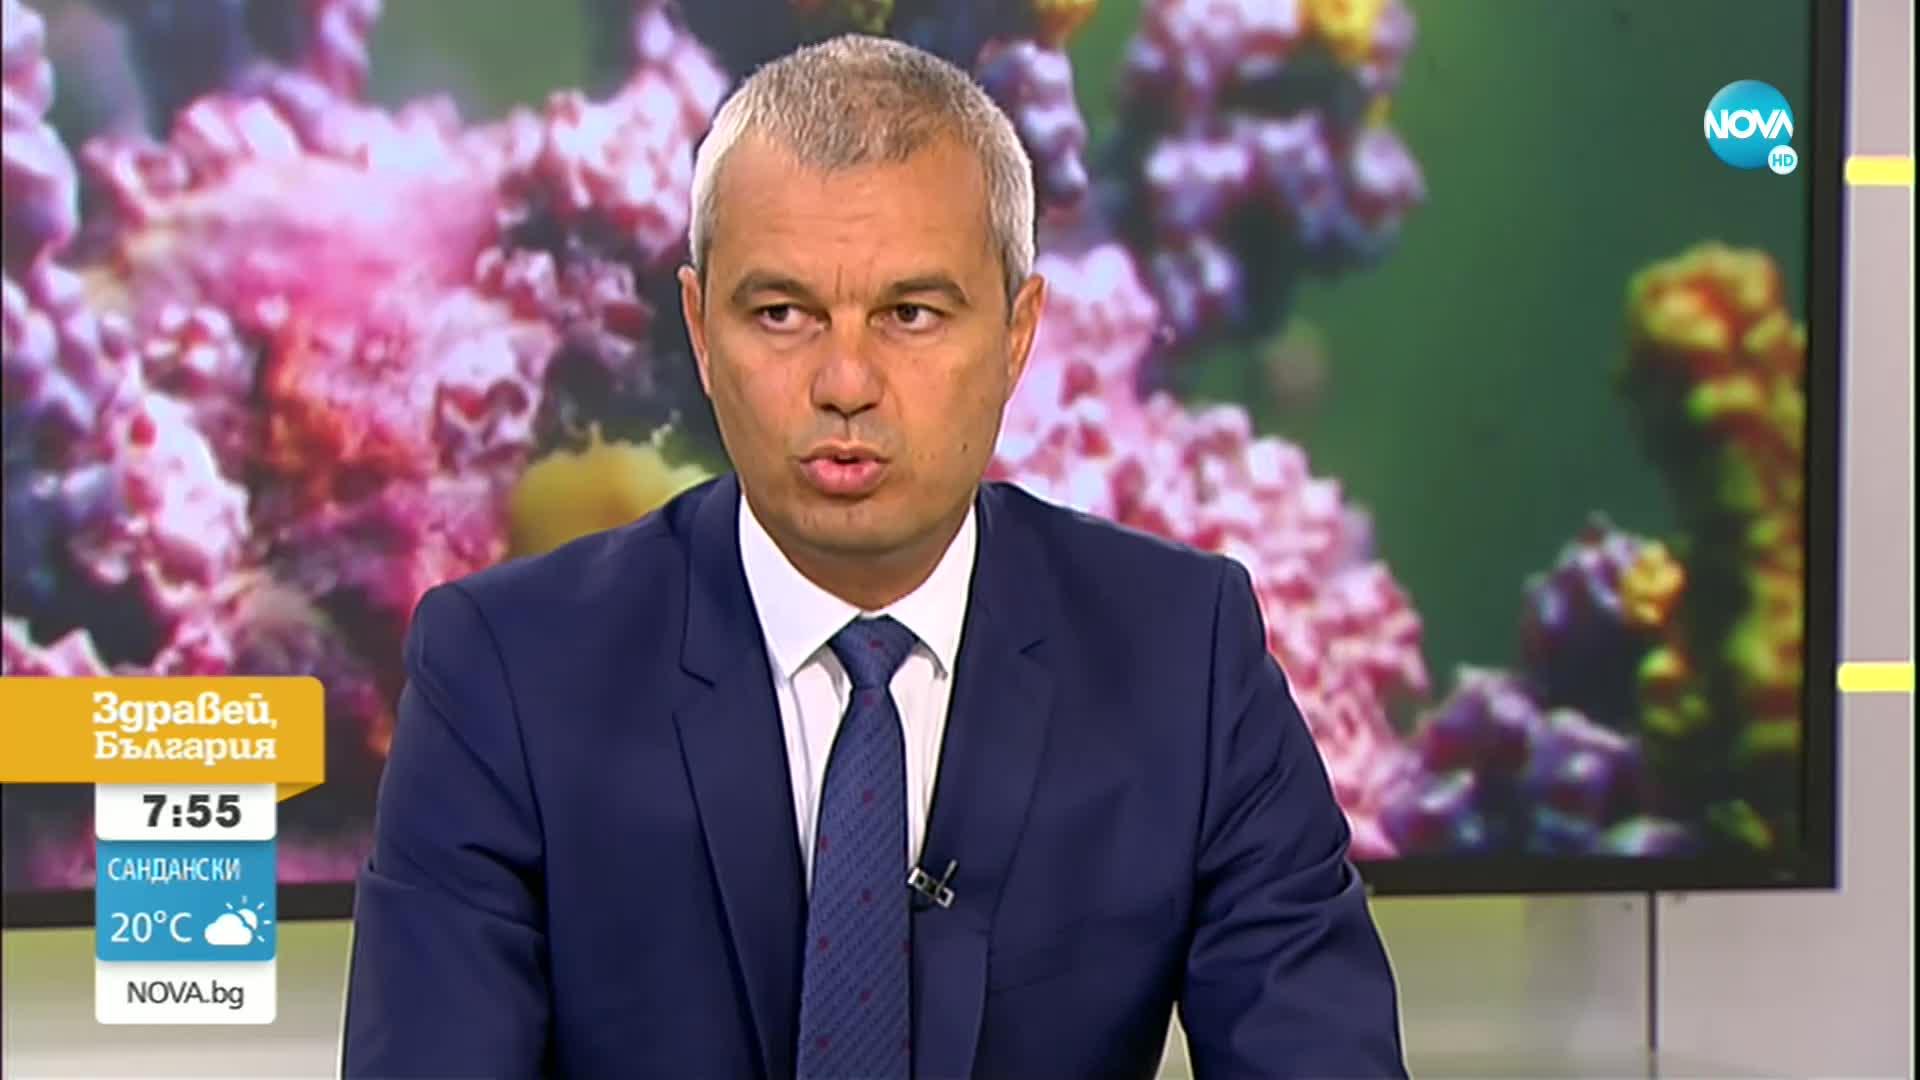 Костадин Костадинов: Като суверенна държава трябва сами да охраняваме границата си